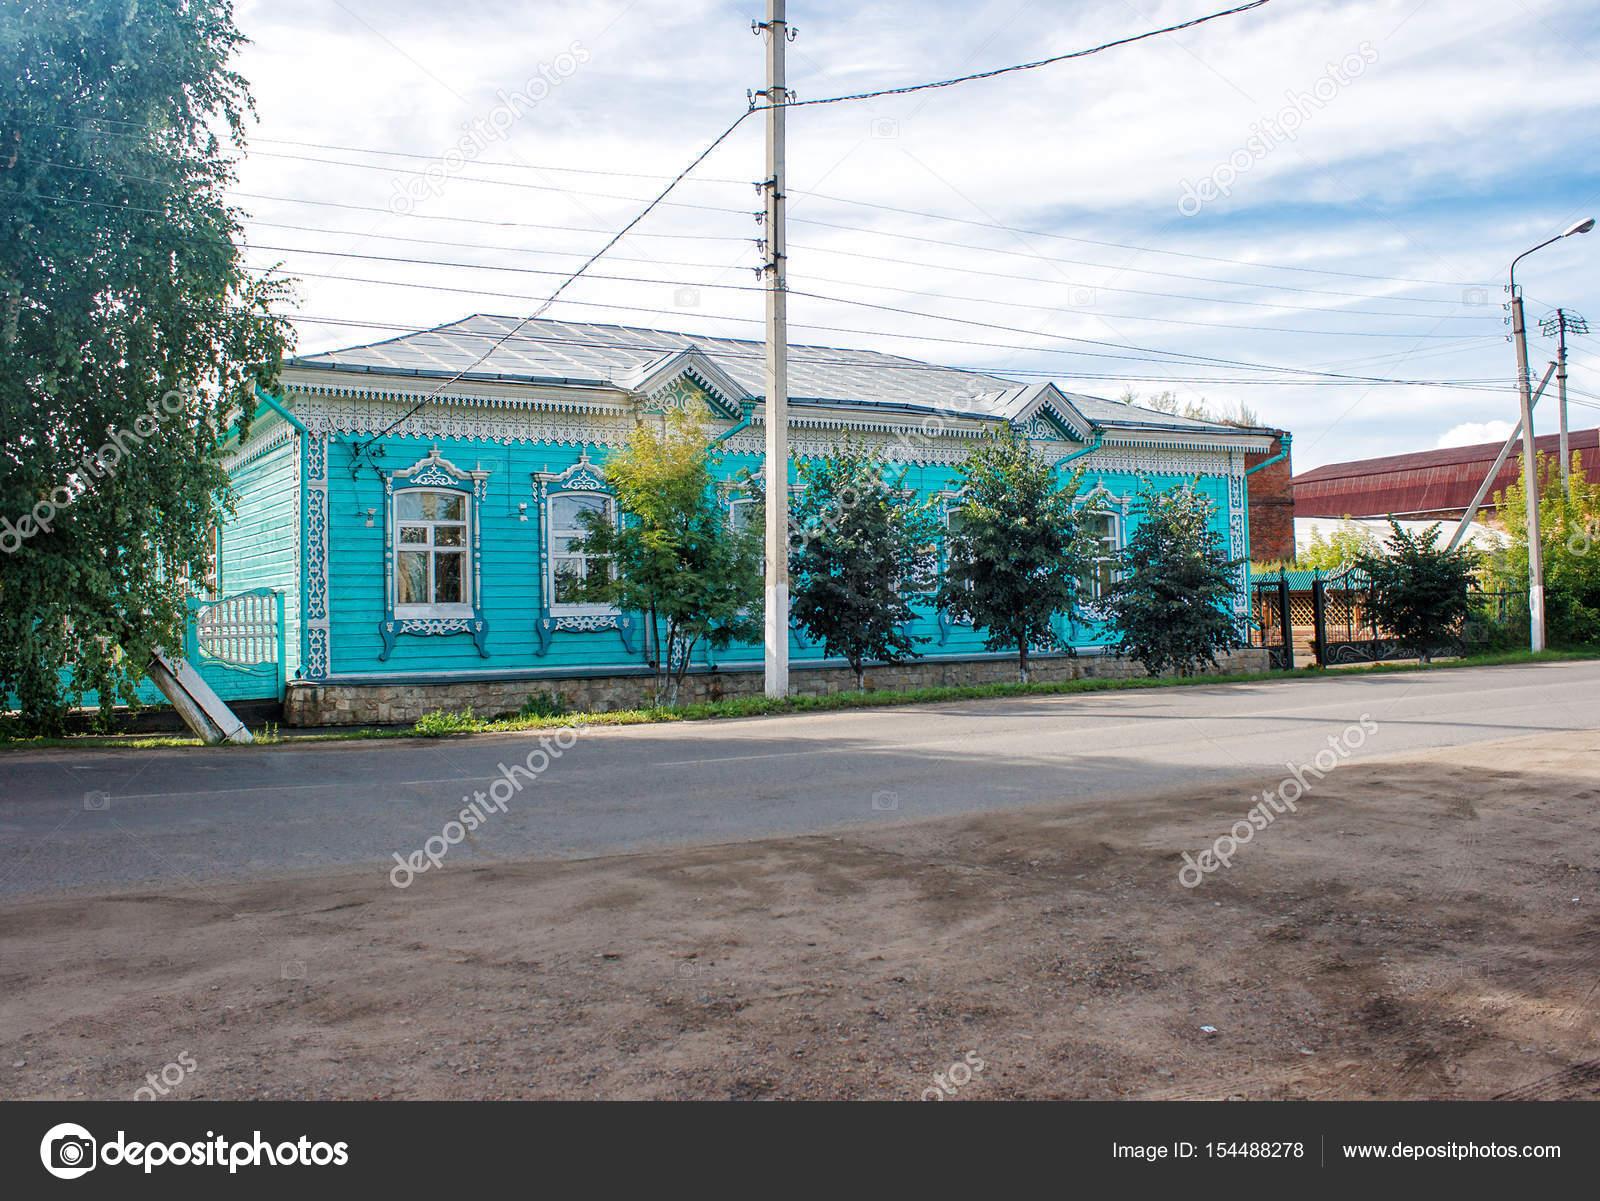 Oude groen houten huis versierd met houtsnijwerk u2014 stockfoto